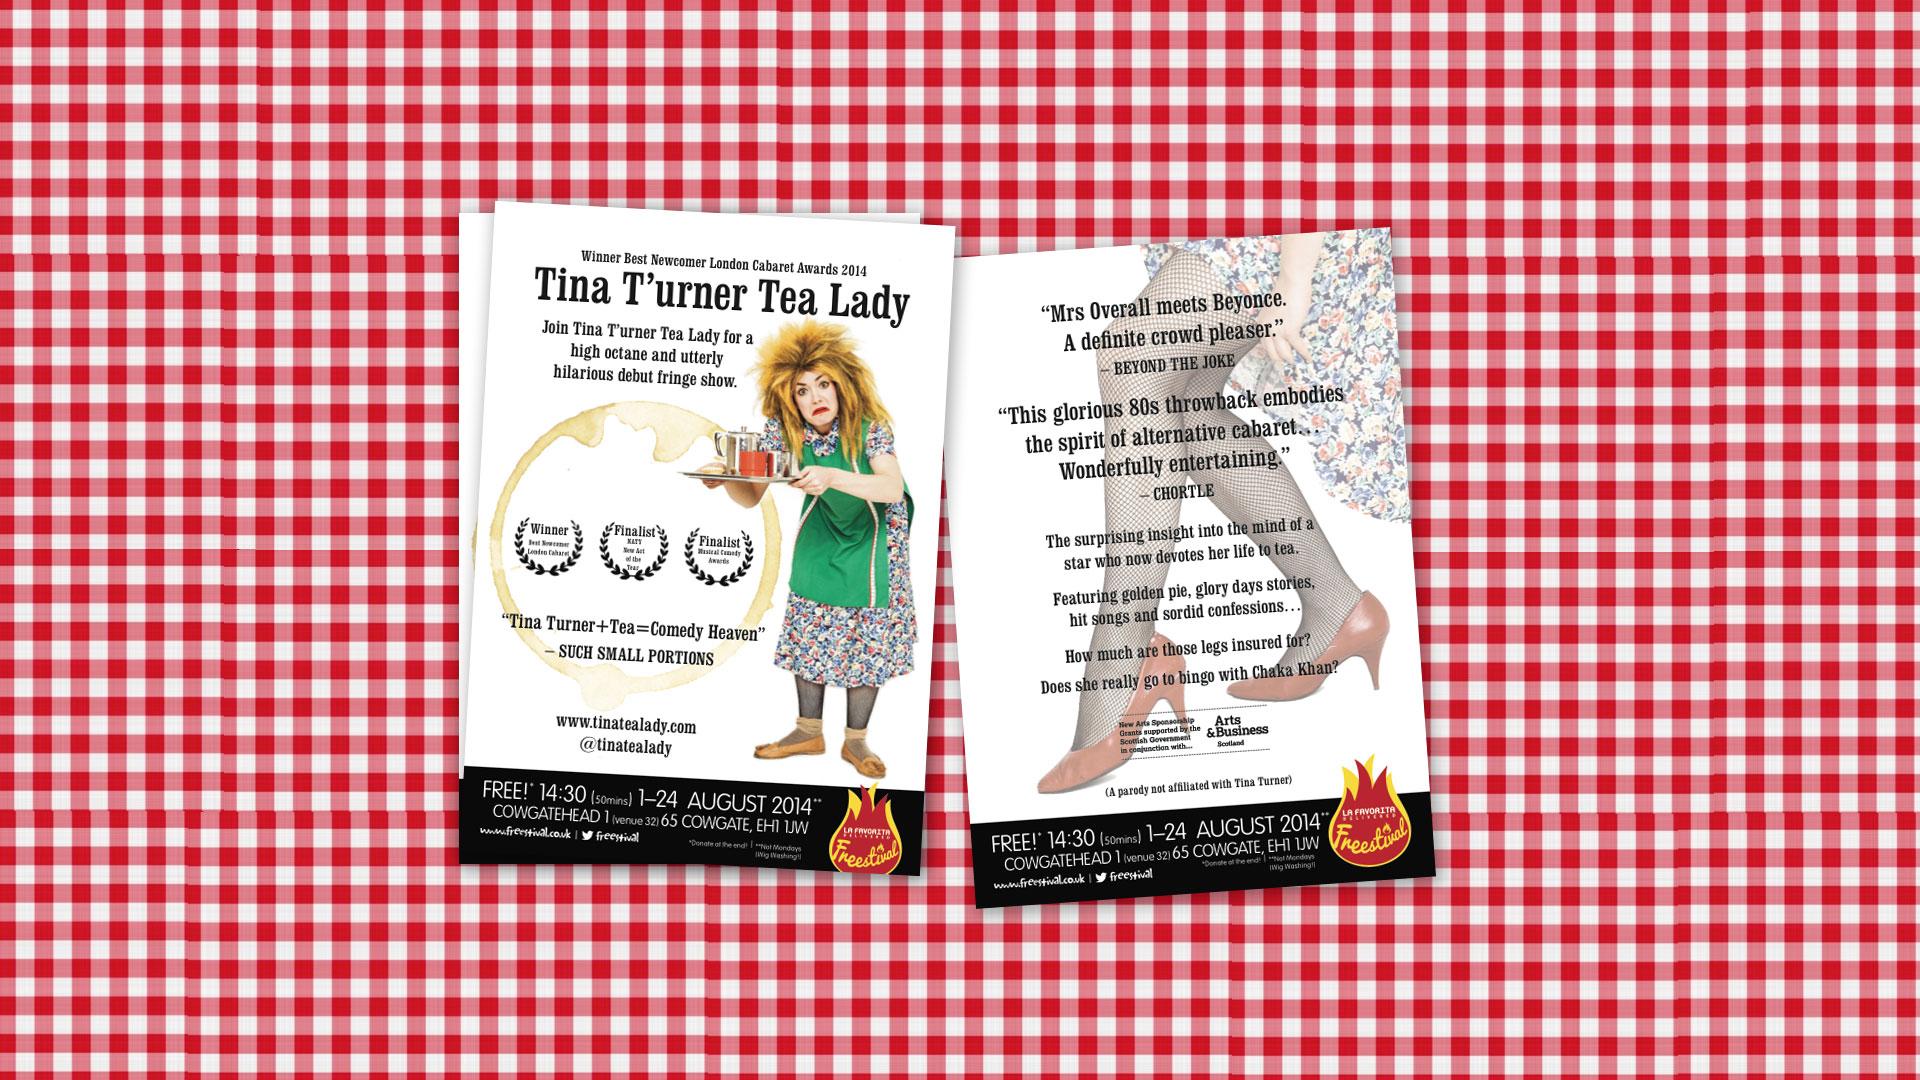 Tina T'urner Edinburgh Fringe 2014 flyer